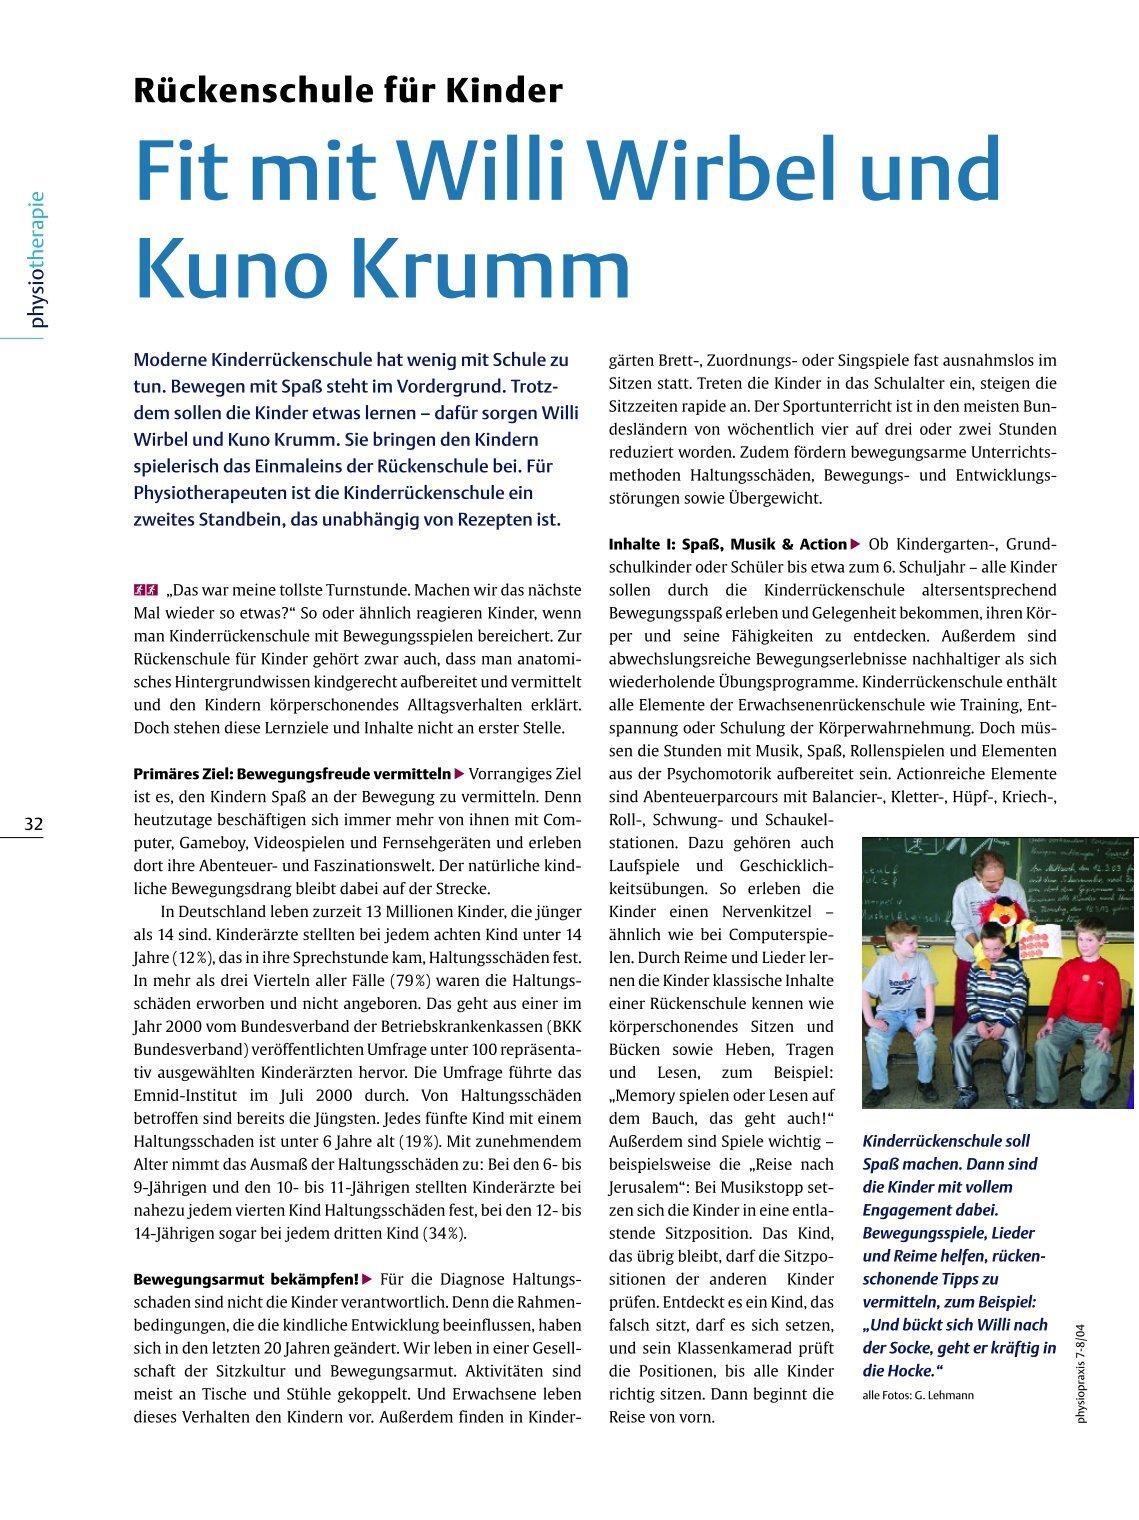 Gemütlich T7 Wirbel Fotos - Physiologie Von Menschlichen ...